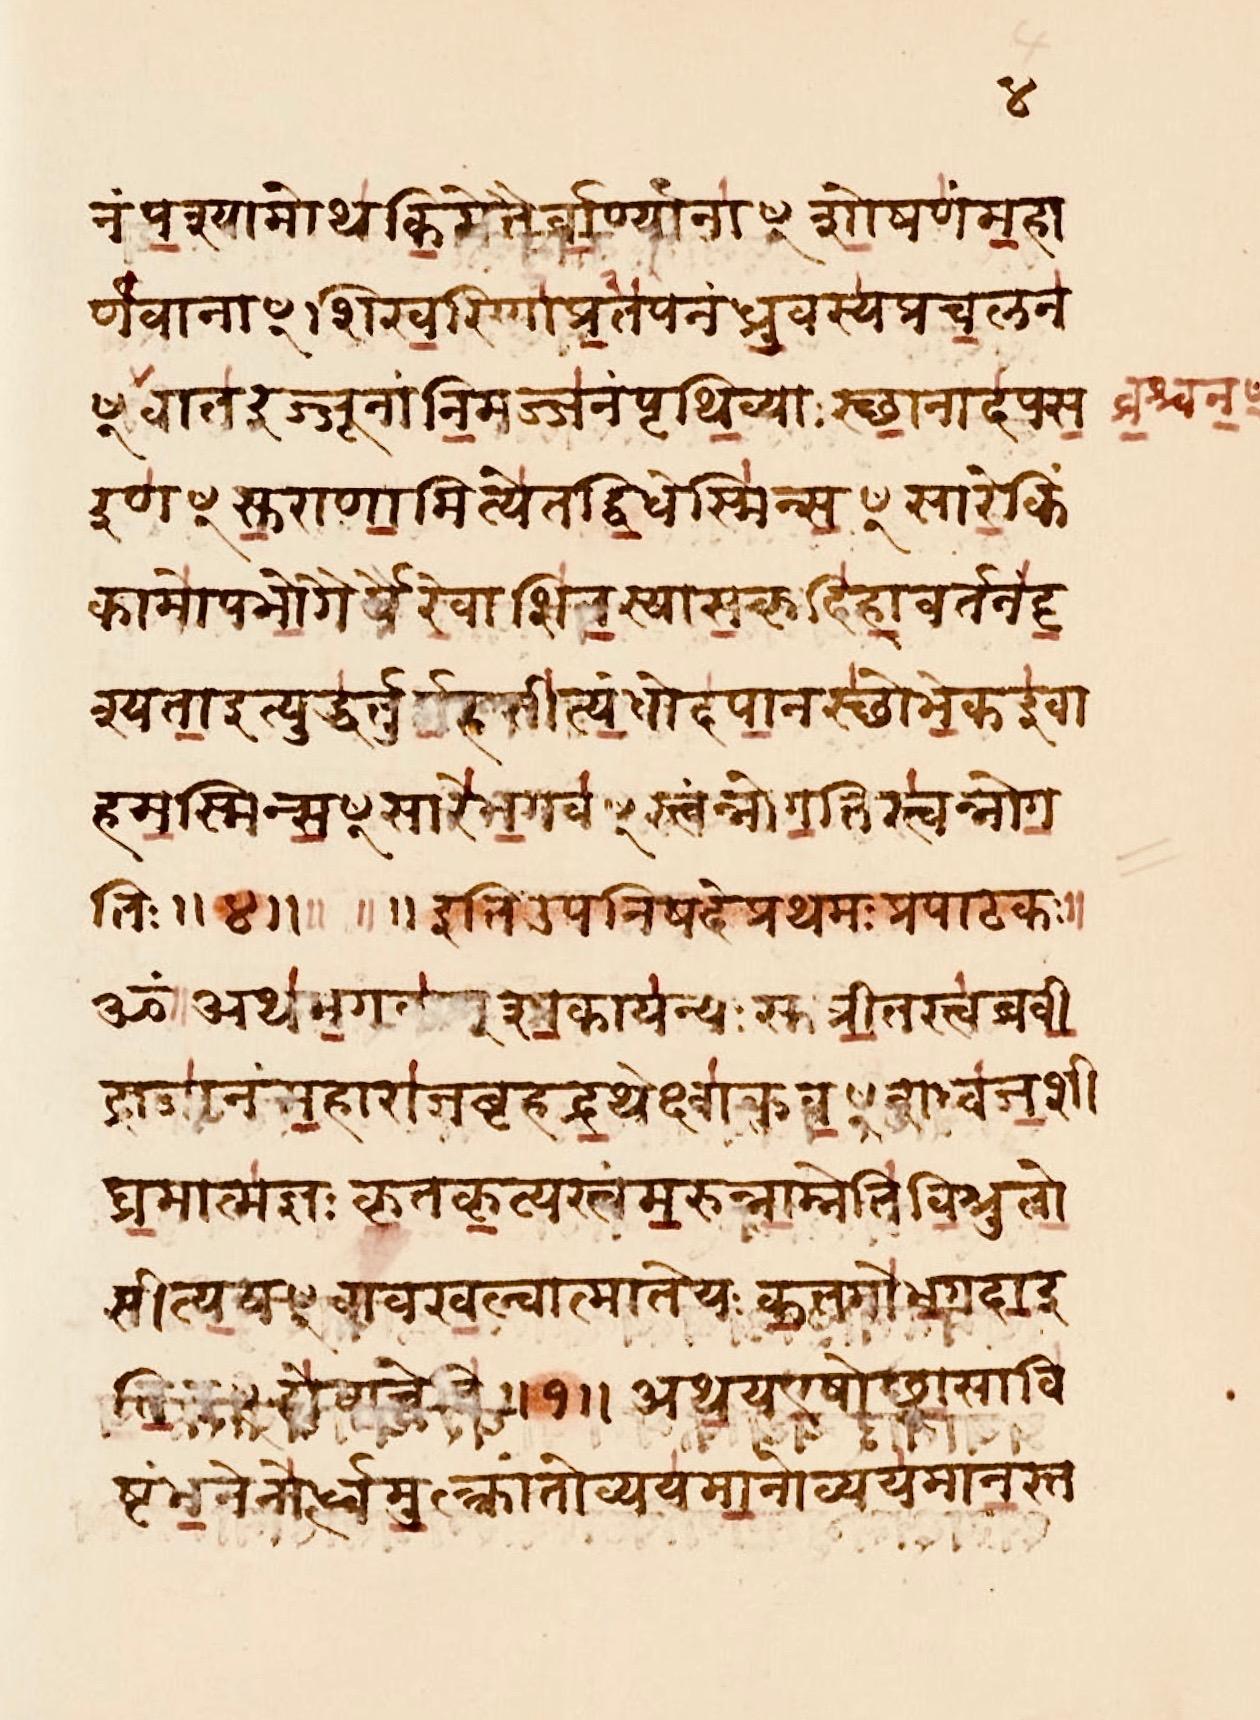 datiranje razdoblja ramayana